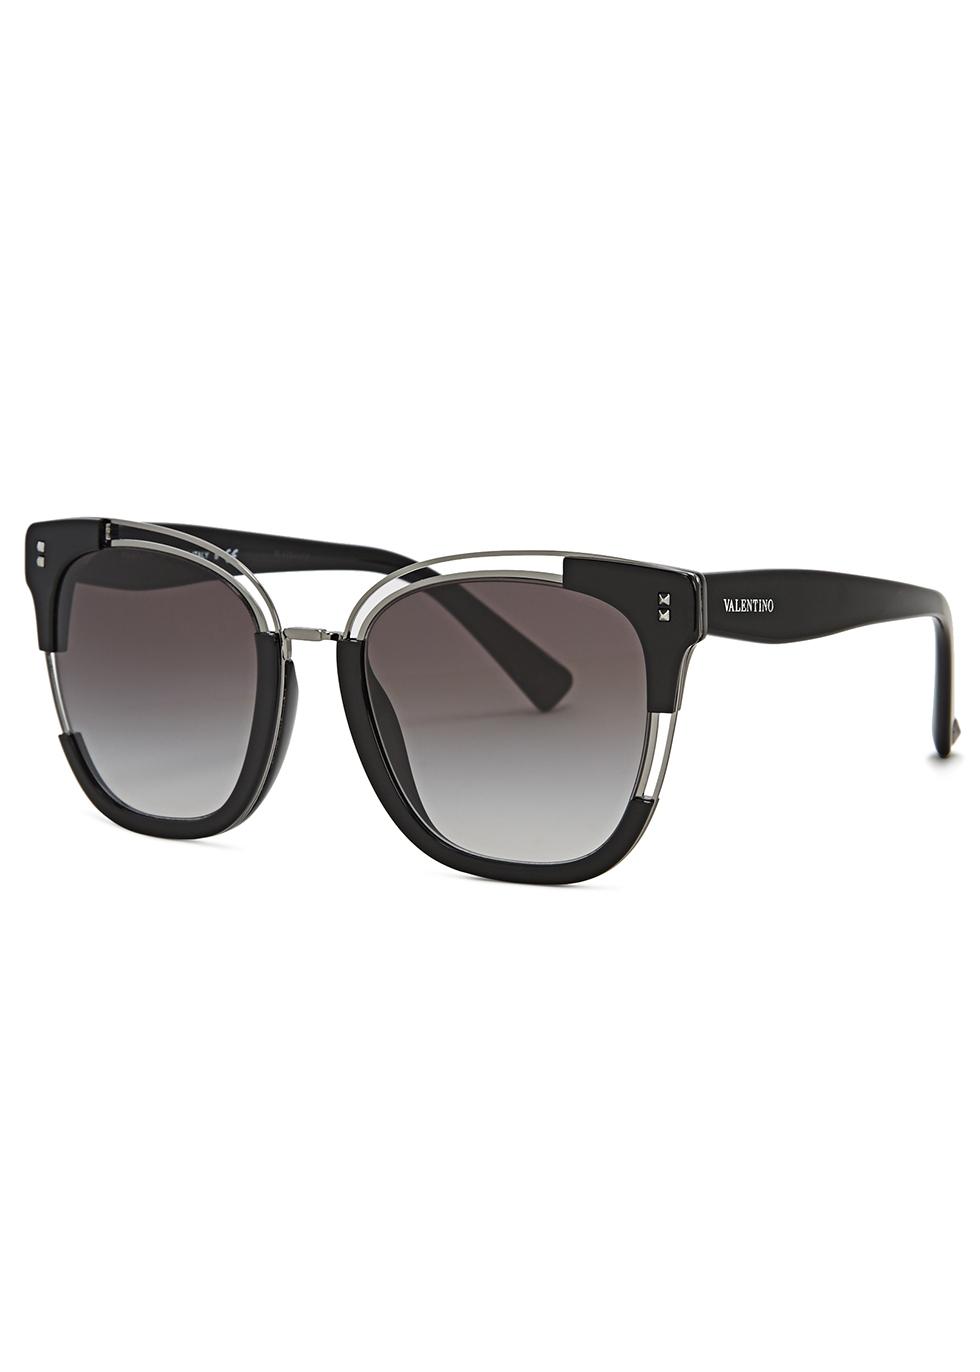 Valentino Garavani oval-frame sunglasses